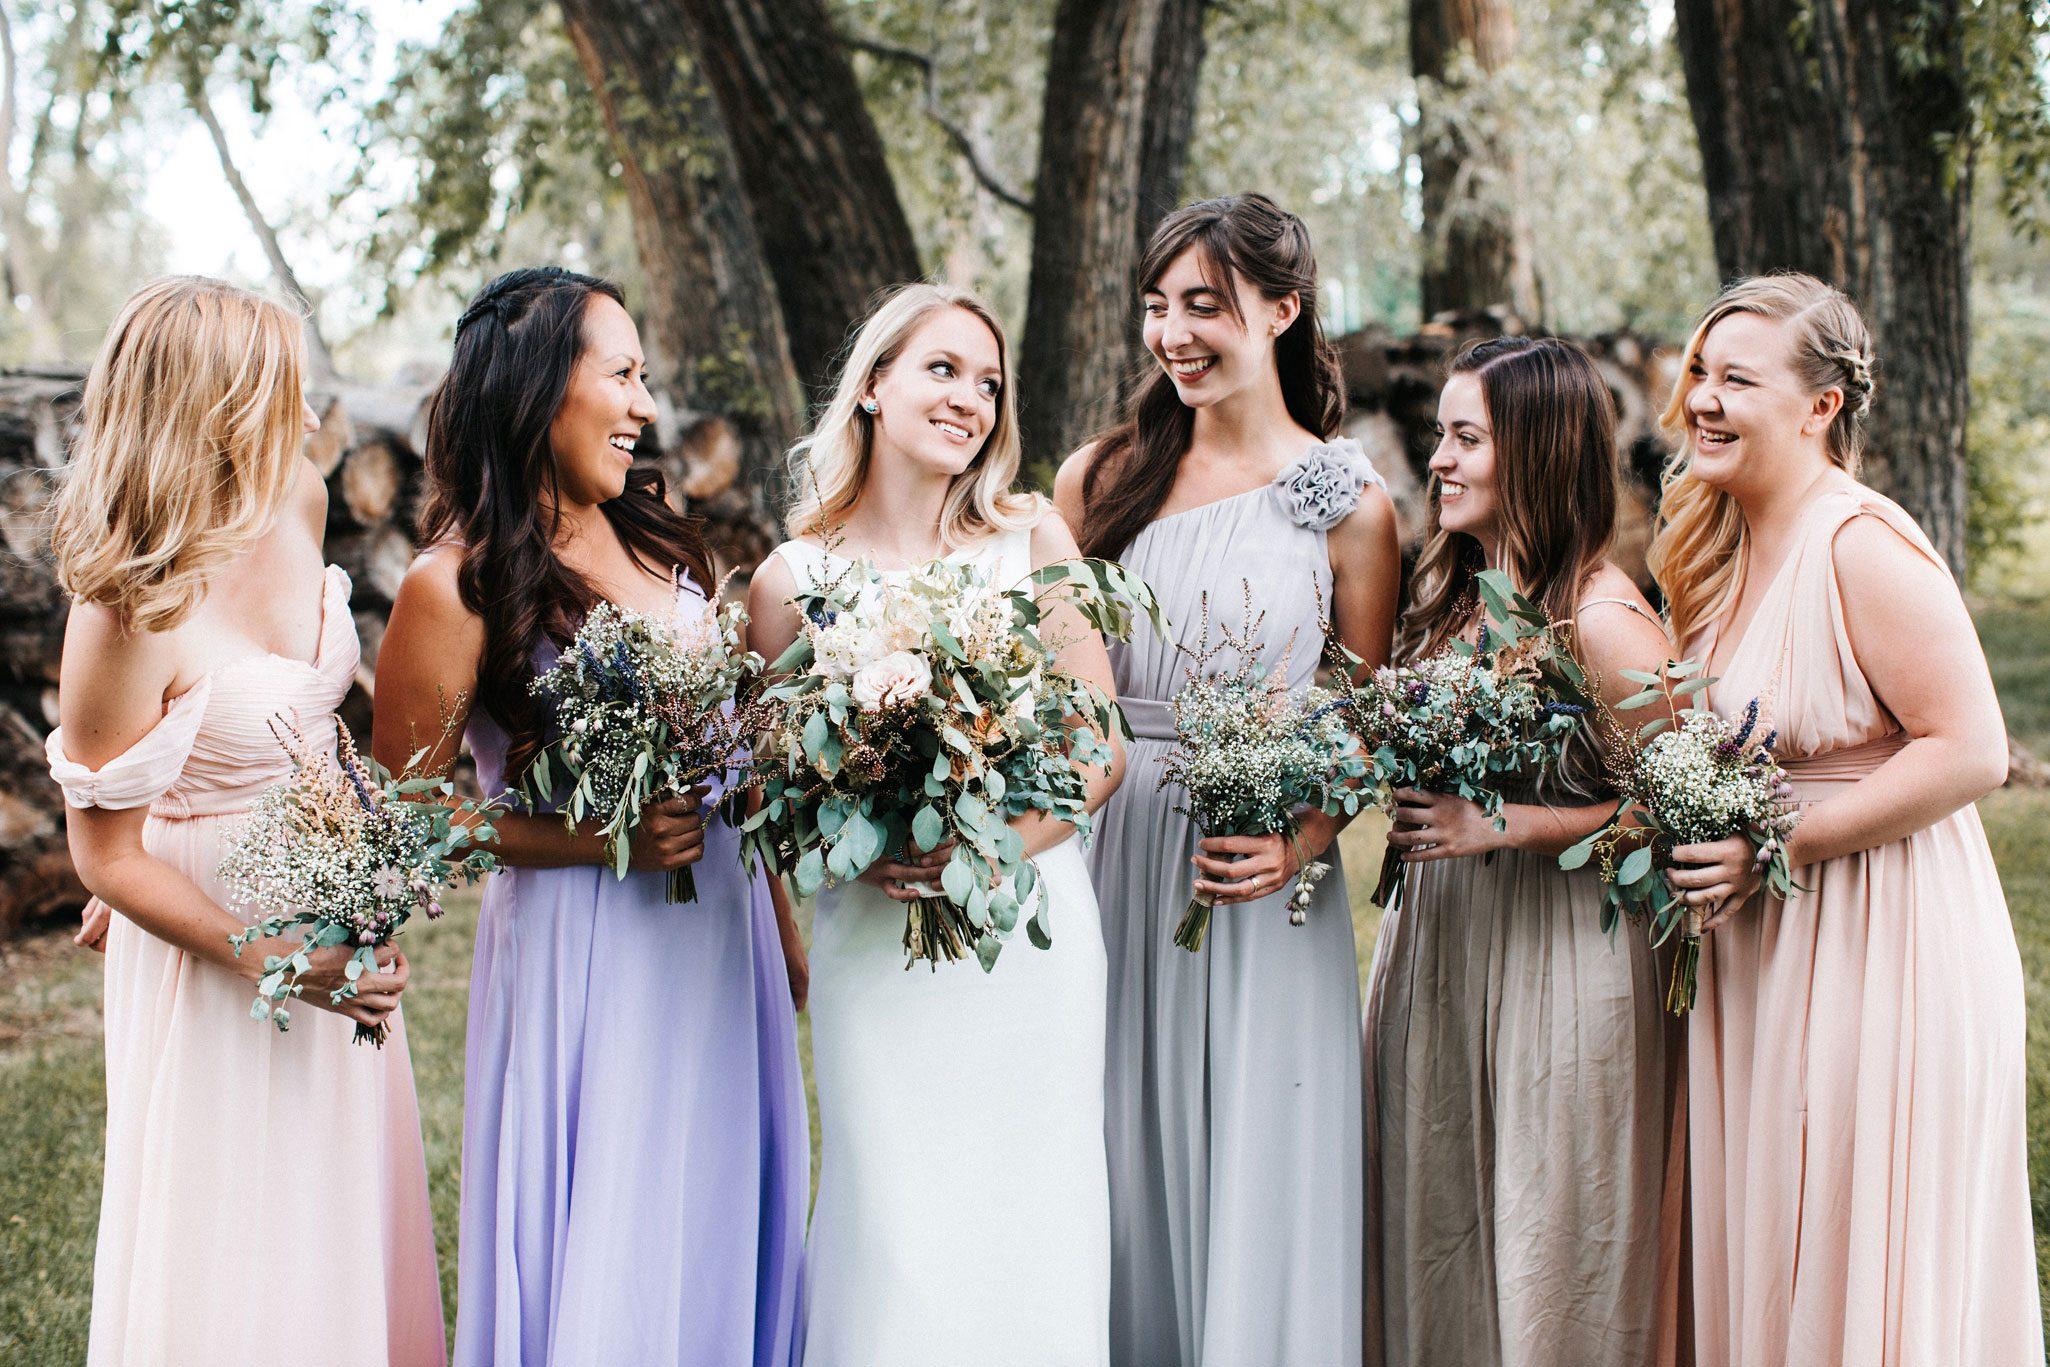 Bridesmaids   A Romantic Garden Wedding in Durango, Colorado